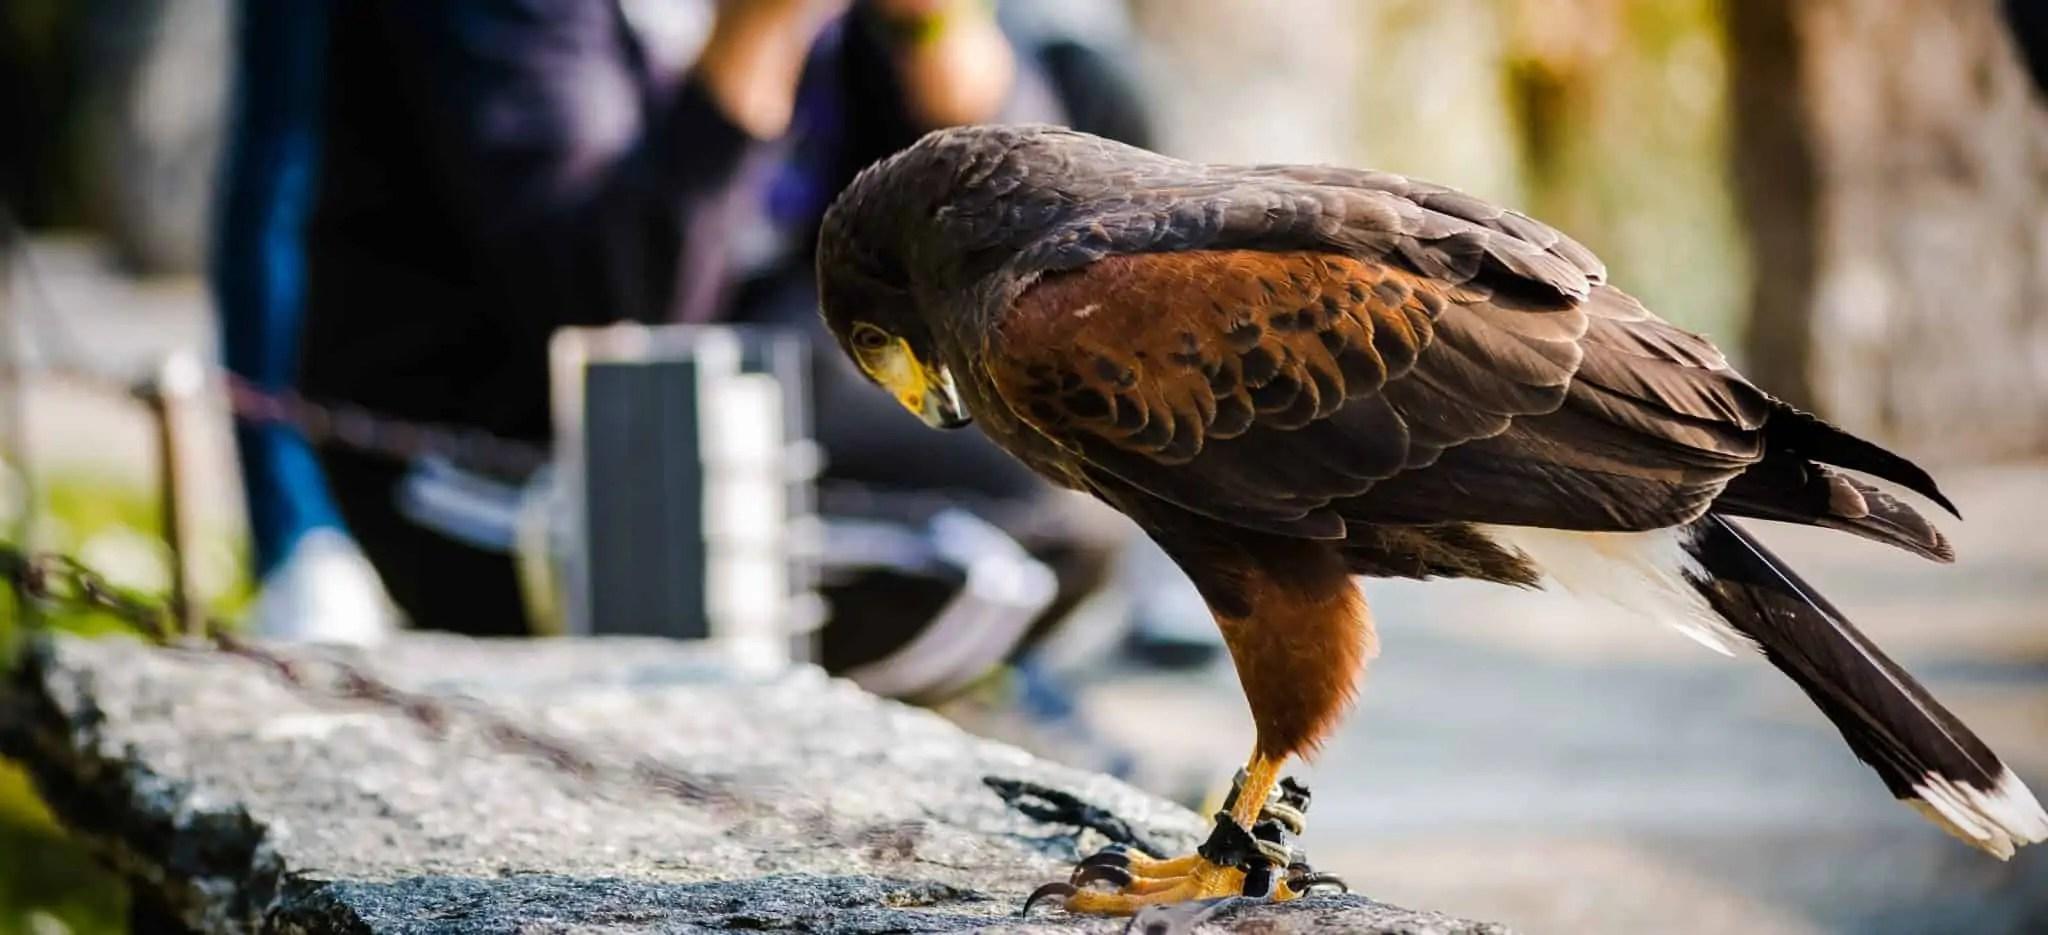 falcon at castello di vezio, varenna